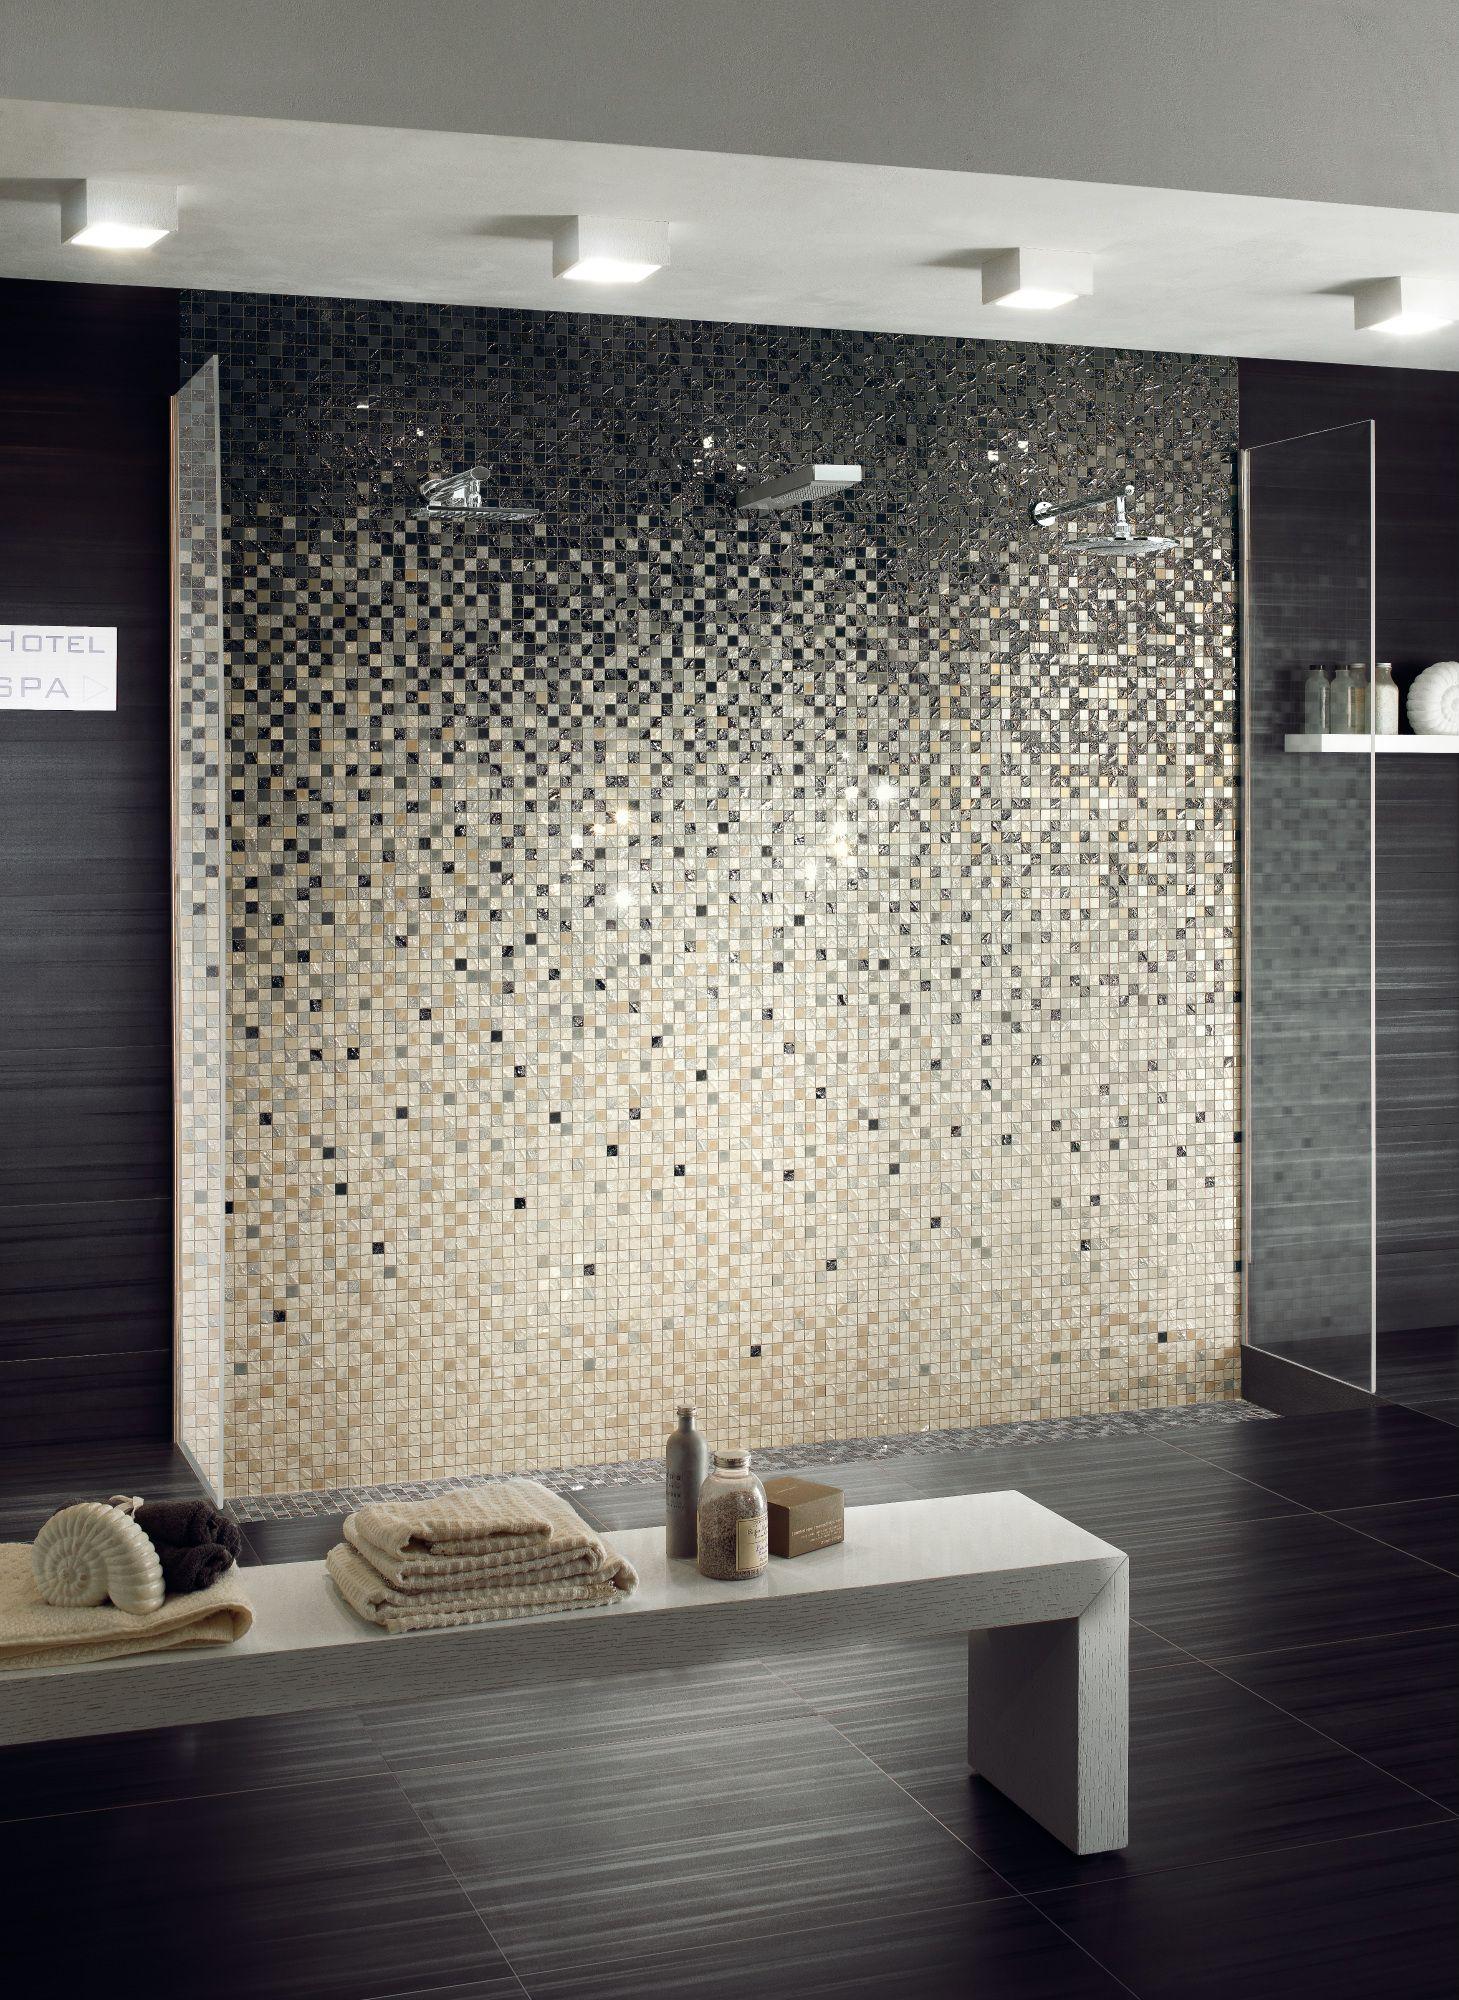 Mosaik Badezimmer Designs Mosaik Badezimmer Designs Keineswegs Zu Fuß Aus  Modellen. Mosaik Badezimmer Designs Ist In Der Rege.